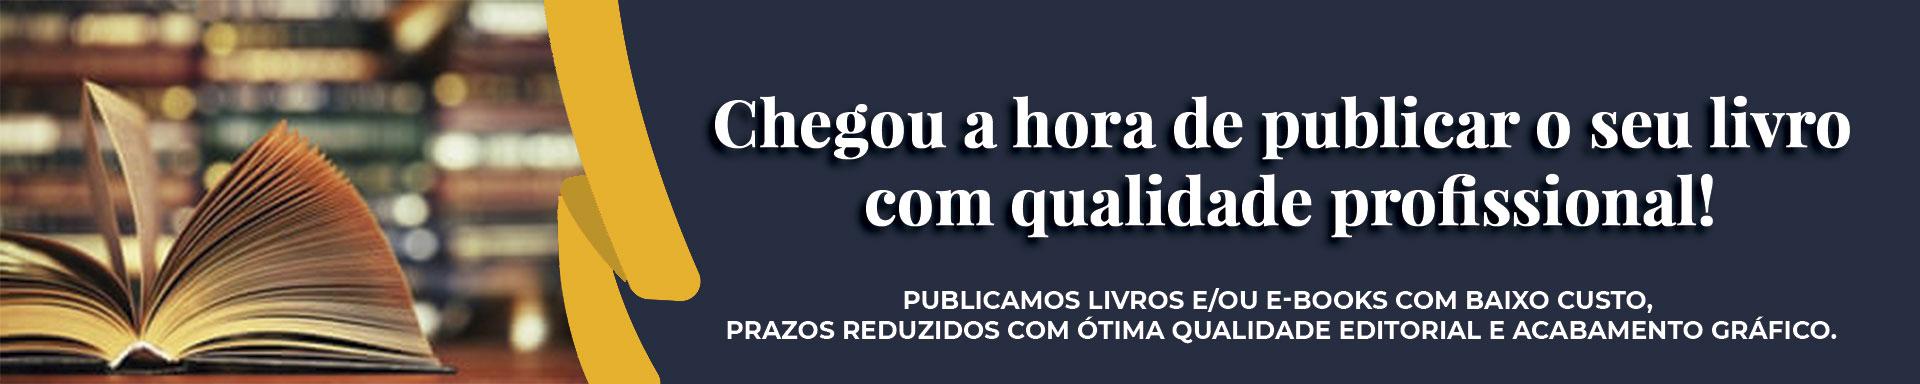 Fontenele Publicações / 11 95150-3481 / 11  95150-4383 Publique seu livro conosco! <br> Solicite hoje mesmo seu orçamento sem compromisso